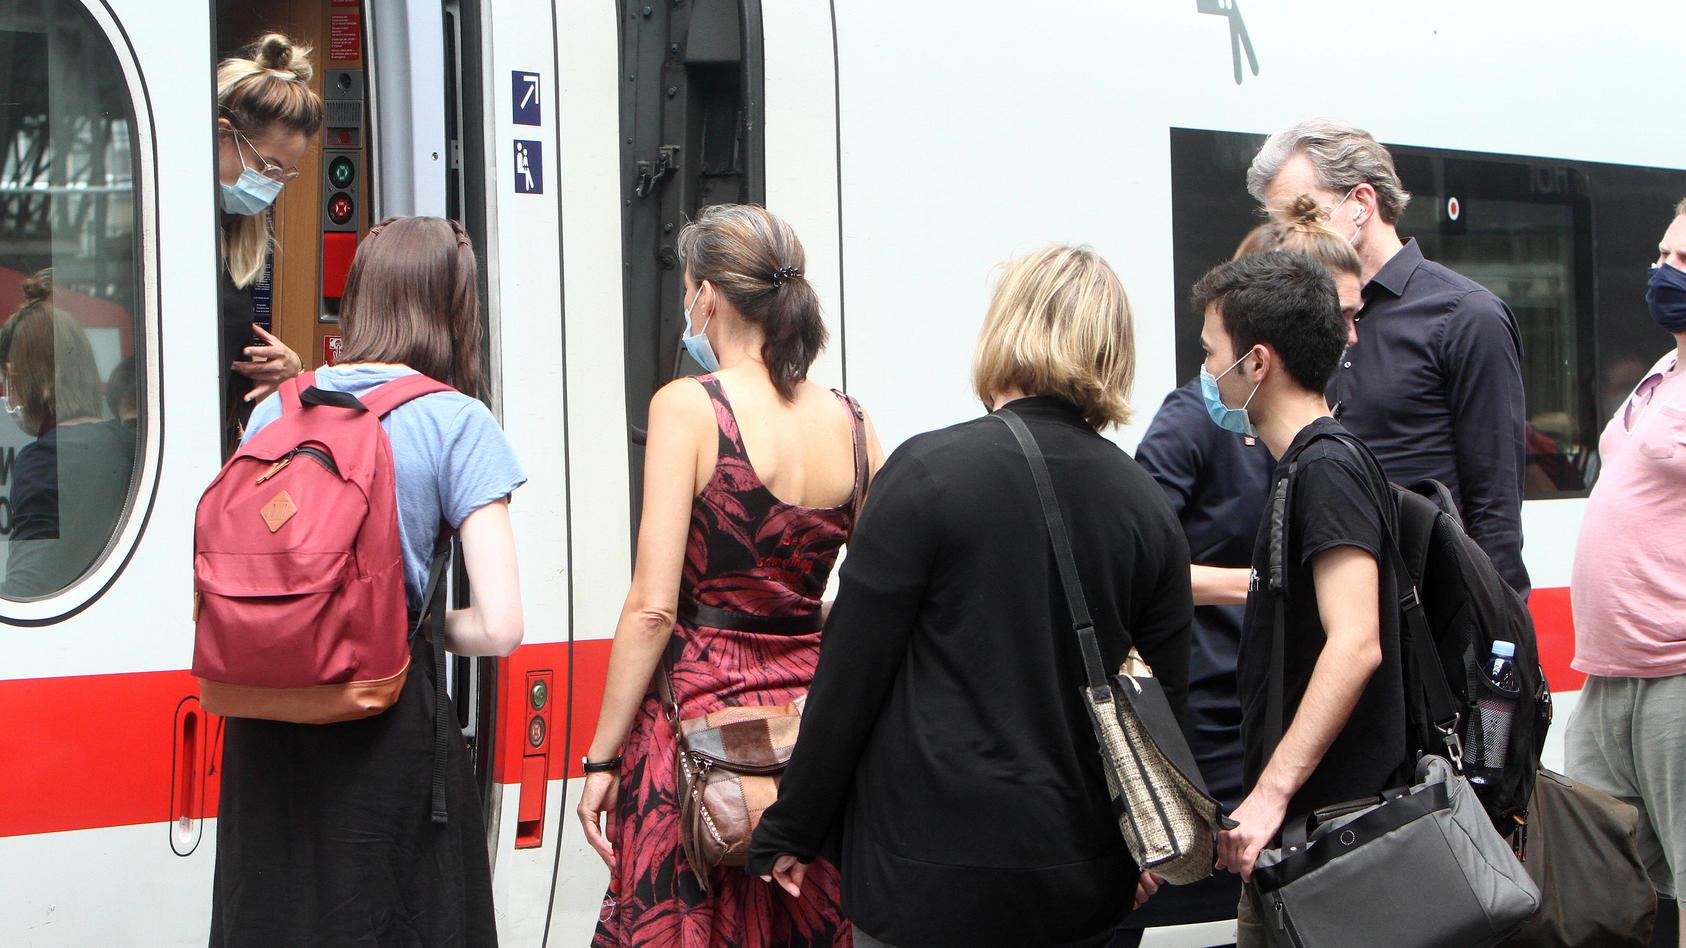 Die Bahn will Passagiere ohne Maske des Zuges verweisen.